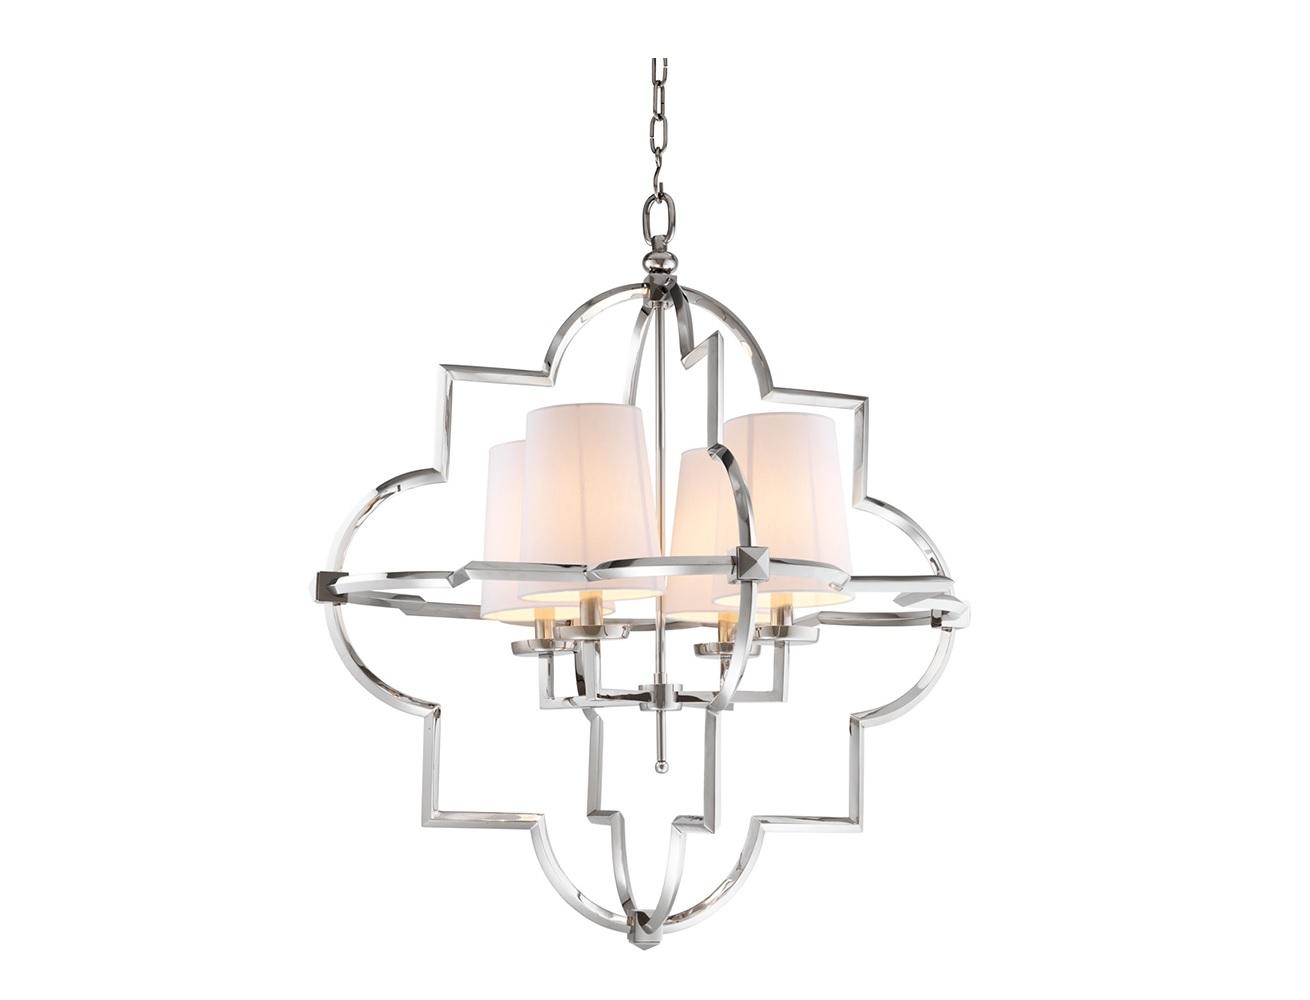 Подвесной светильник MandevilleПодвесные светильники<br>Подвесной светильник 4-х рожковый из коллекции Chandelier Mandeville L на никелированной арматуре. Тканевые абажуры белого цвета скрывают лампы. Высота светильника регулируется за счет звеньев цепи.&amp;lt;div&amp;gt;&amp;lt;br&amp;gt;&amp;lt;/div&amp;gt;&amp;lt;div&amp;gt;&amp;lt;div&amp;gt;&amp;lt;div&amp;gt;Вид цоколя: E14&amp;lt;/div&amp;gt;&amp;lt;div&amp;gt;Мощность лампы: 40W&amp;lt;/div&amp;gt;&amp;lt;div&amp;gt;Количество ламп: 4&amp;lt;/div&amp;gt;&amp;lt;/div&amp;gt;&amp;lt;div&amp;gt;&amp;lt;br&amp;gt;&amp;lt;/div&amp;gt;&amp;lt;div&amp;gt;Лампочки в комплект не входят.&amp;lt;/div&amp;gt;&amp;lt;/div&amp;gt;<br><br>Material: Металл<br>Ширина см: 87<br>Высота см: 101<br>Глубина см: 87